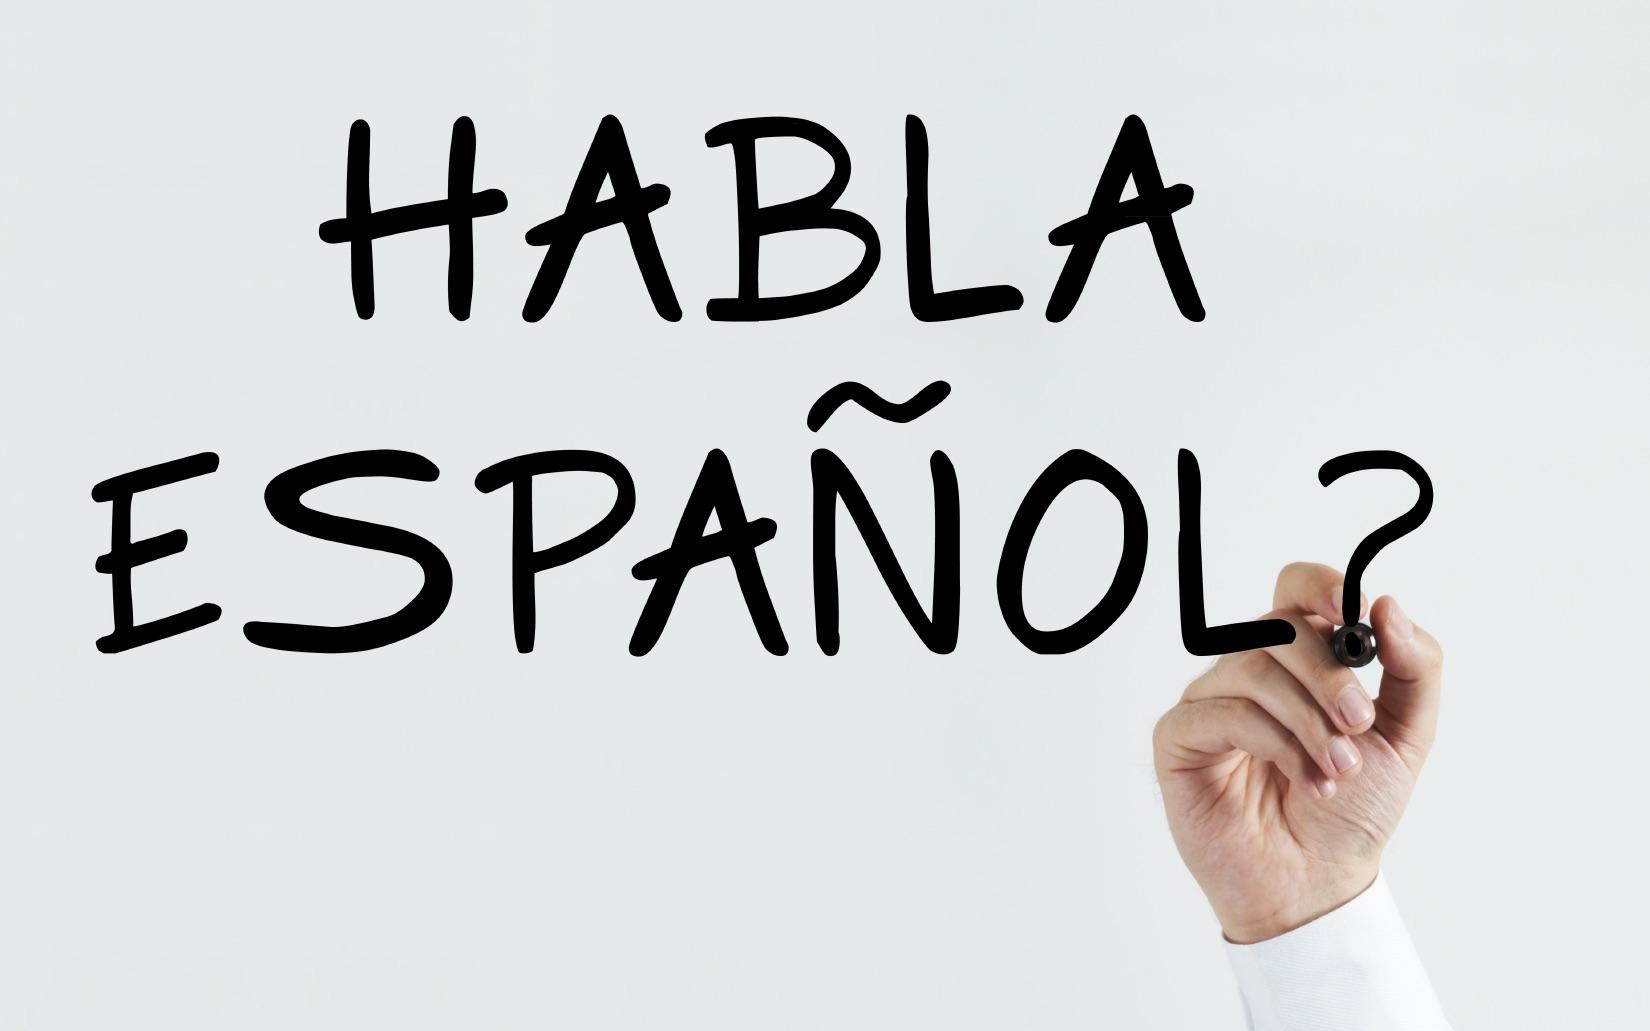 İspanyolca Öğrenmek